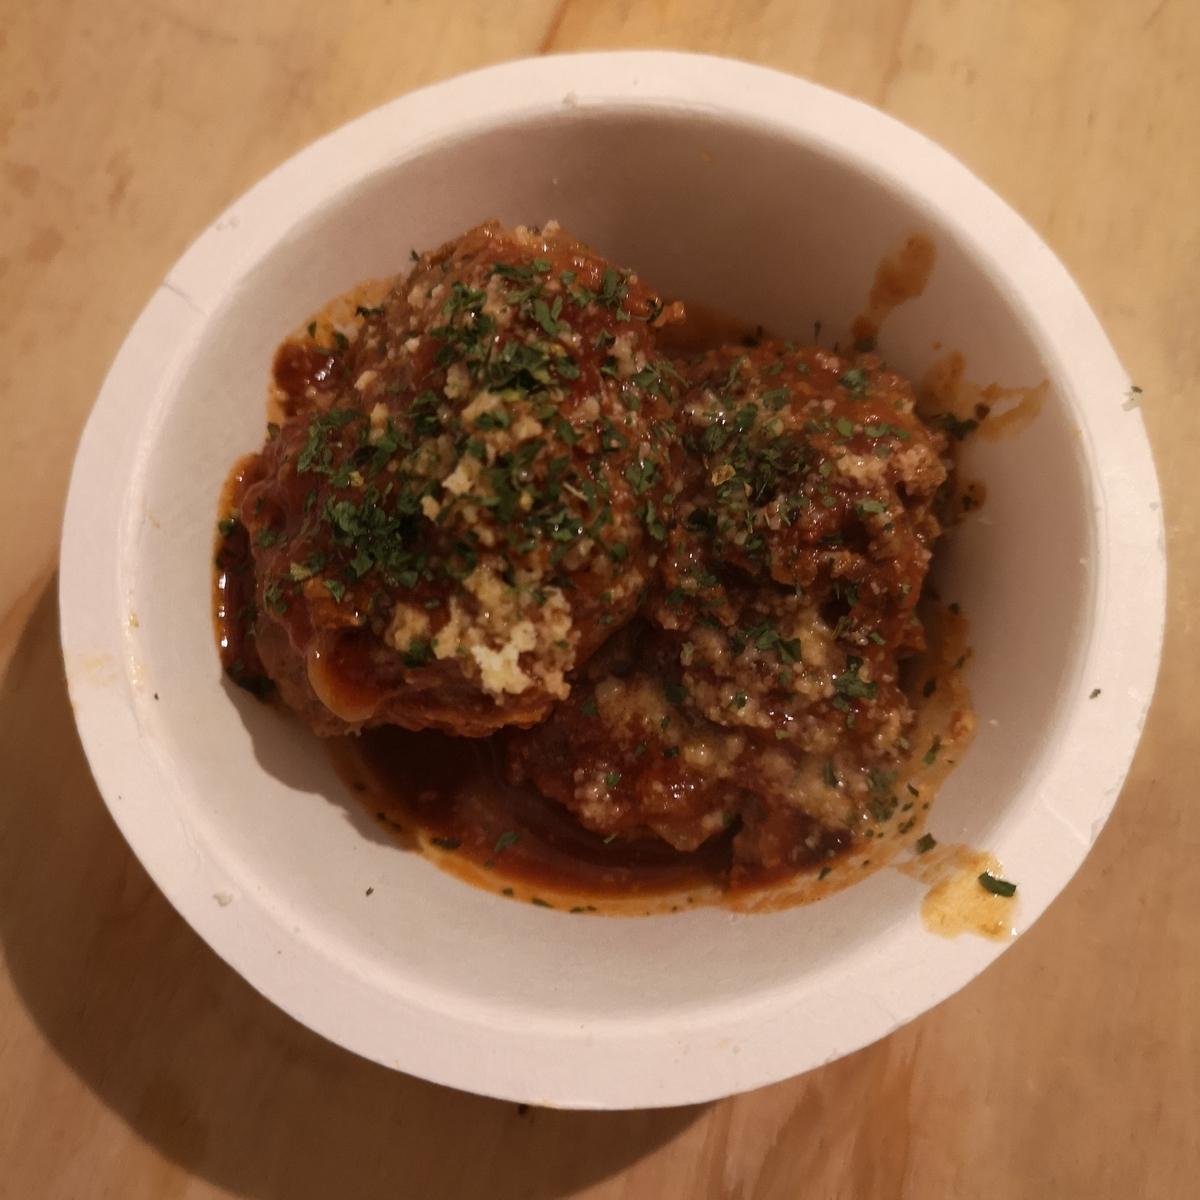 カレー事情聴取スパイス定食&バルVol.7 2019年10月21日 はらいそSparkle 煮込みハンバーグ